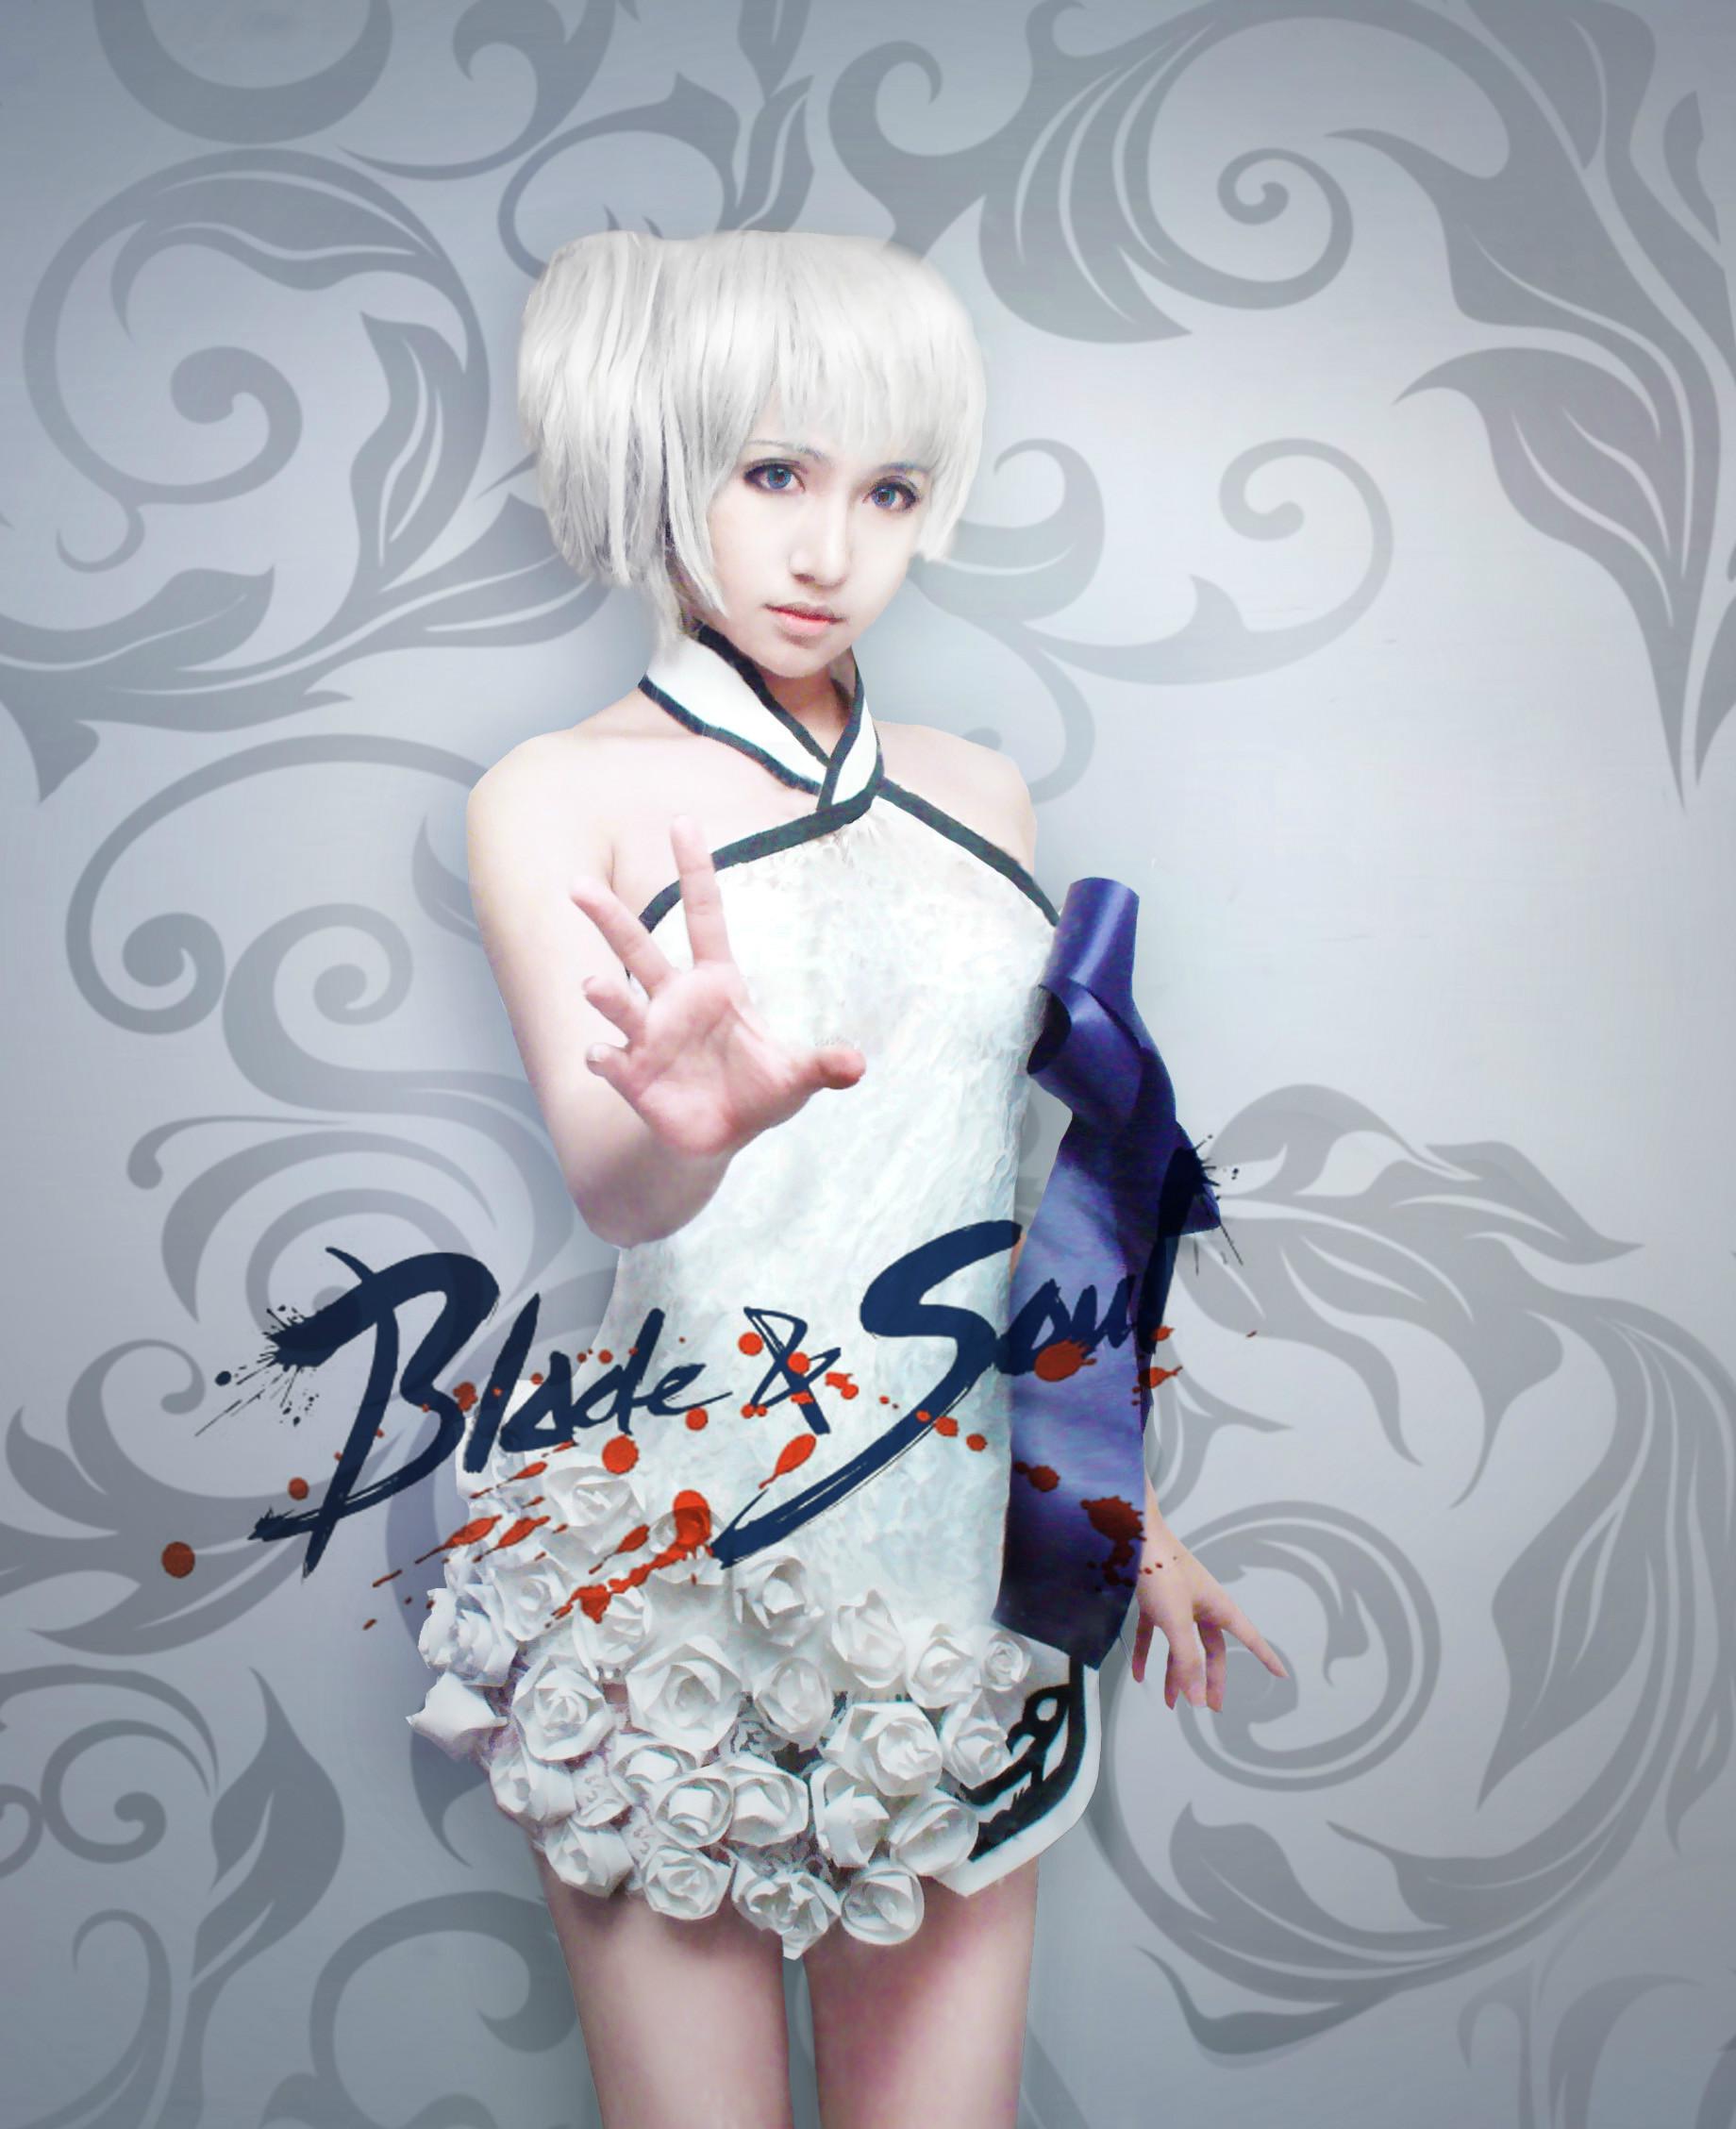 Blade & Soul: Thêm một bộ ảnh cosplay tuyệt đẹp!